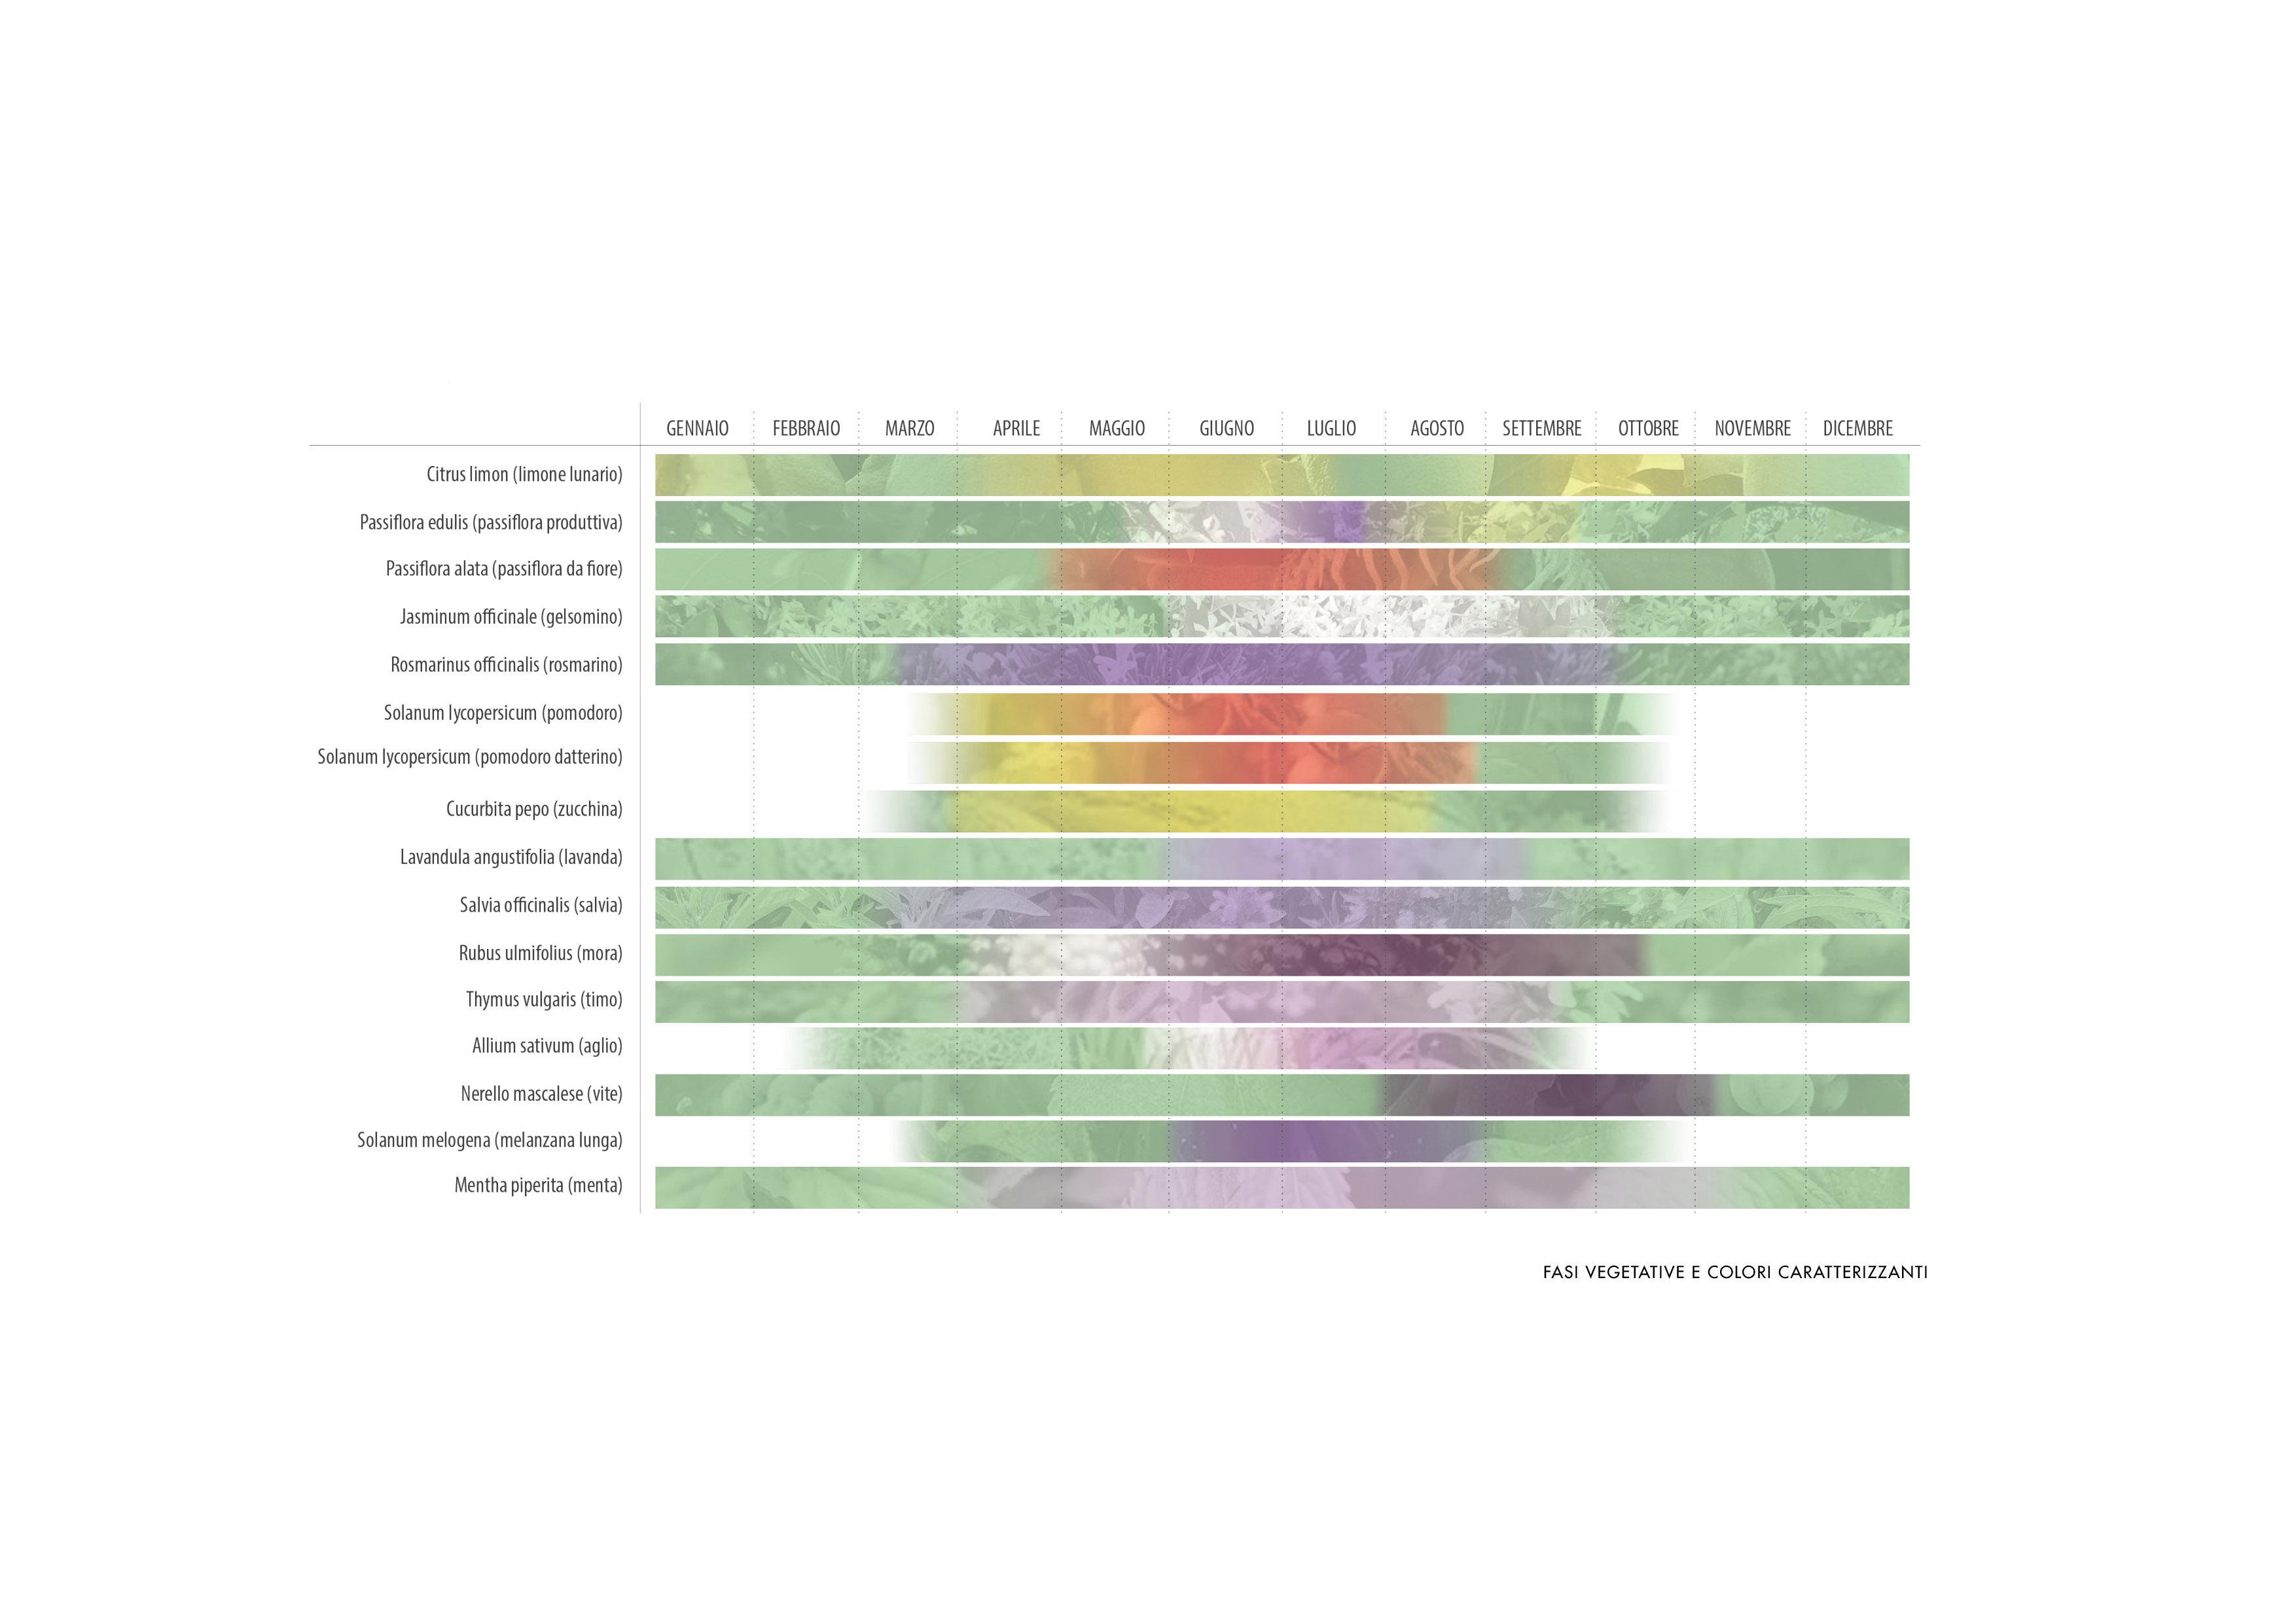 Come back to itaca: fasi vegetative e colori caratterizzanti NaCl Team}